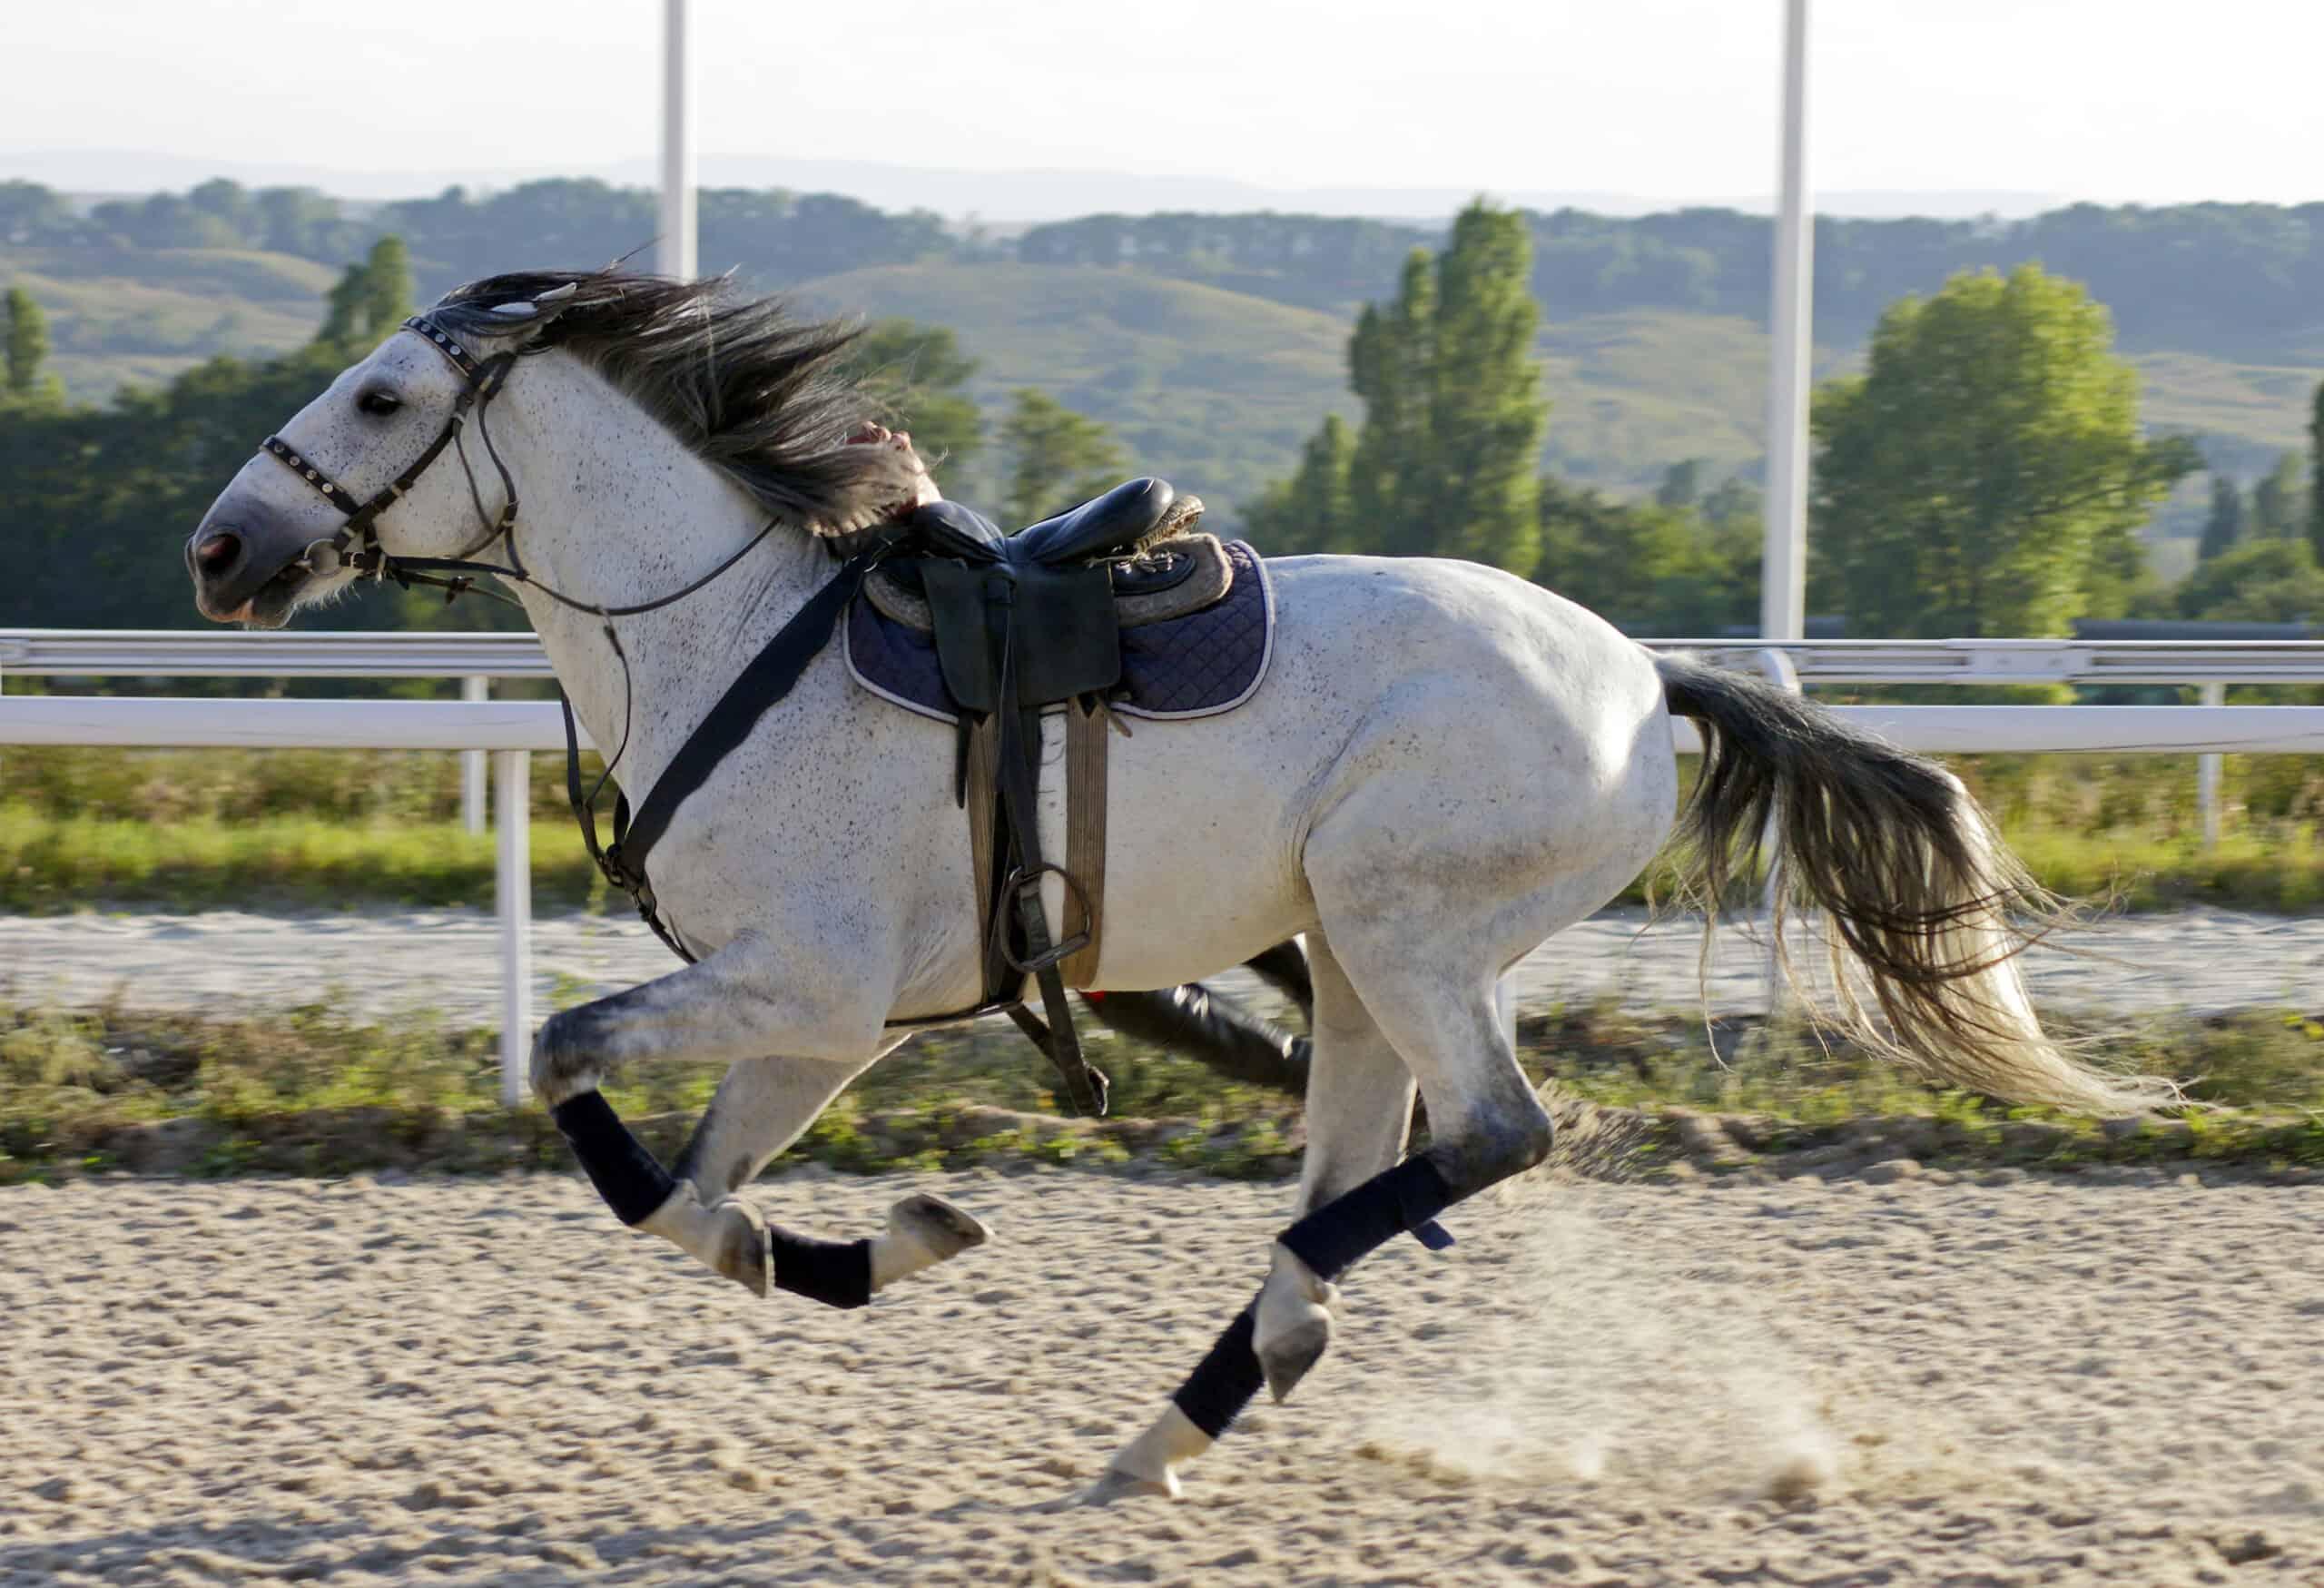 do horses like to be ridden?